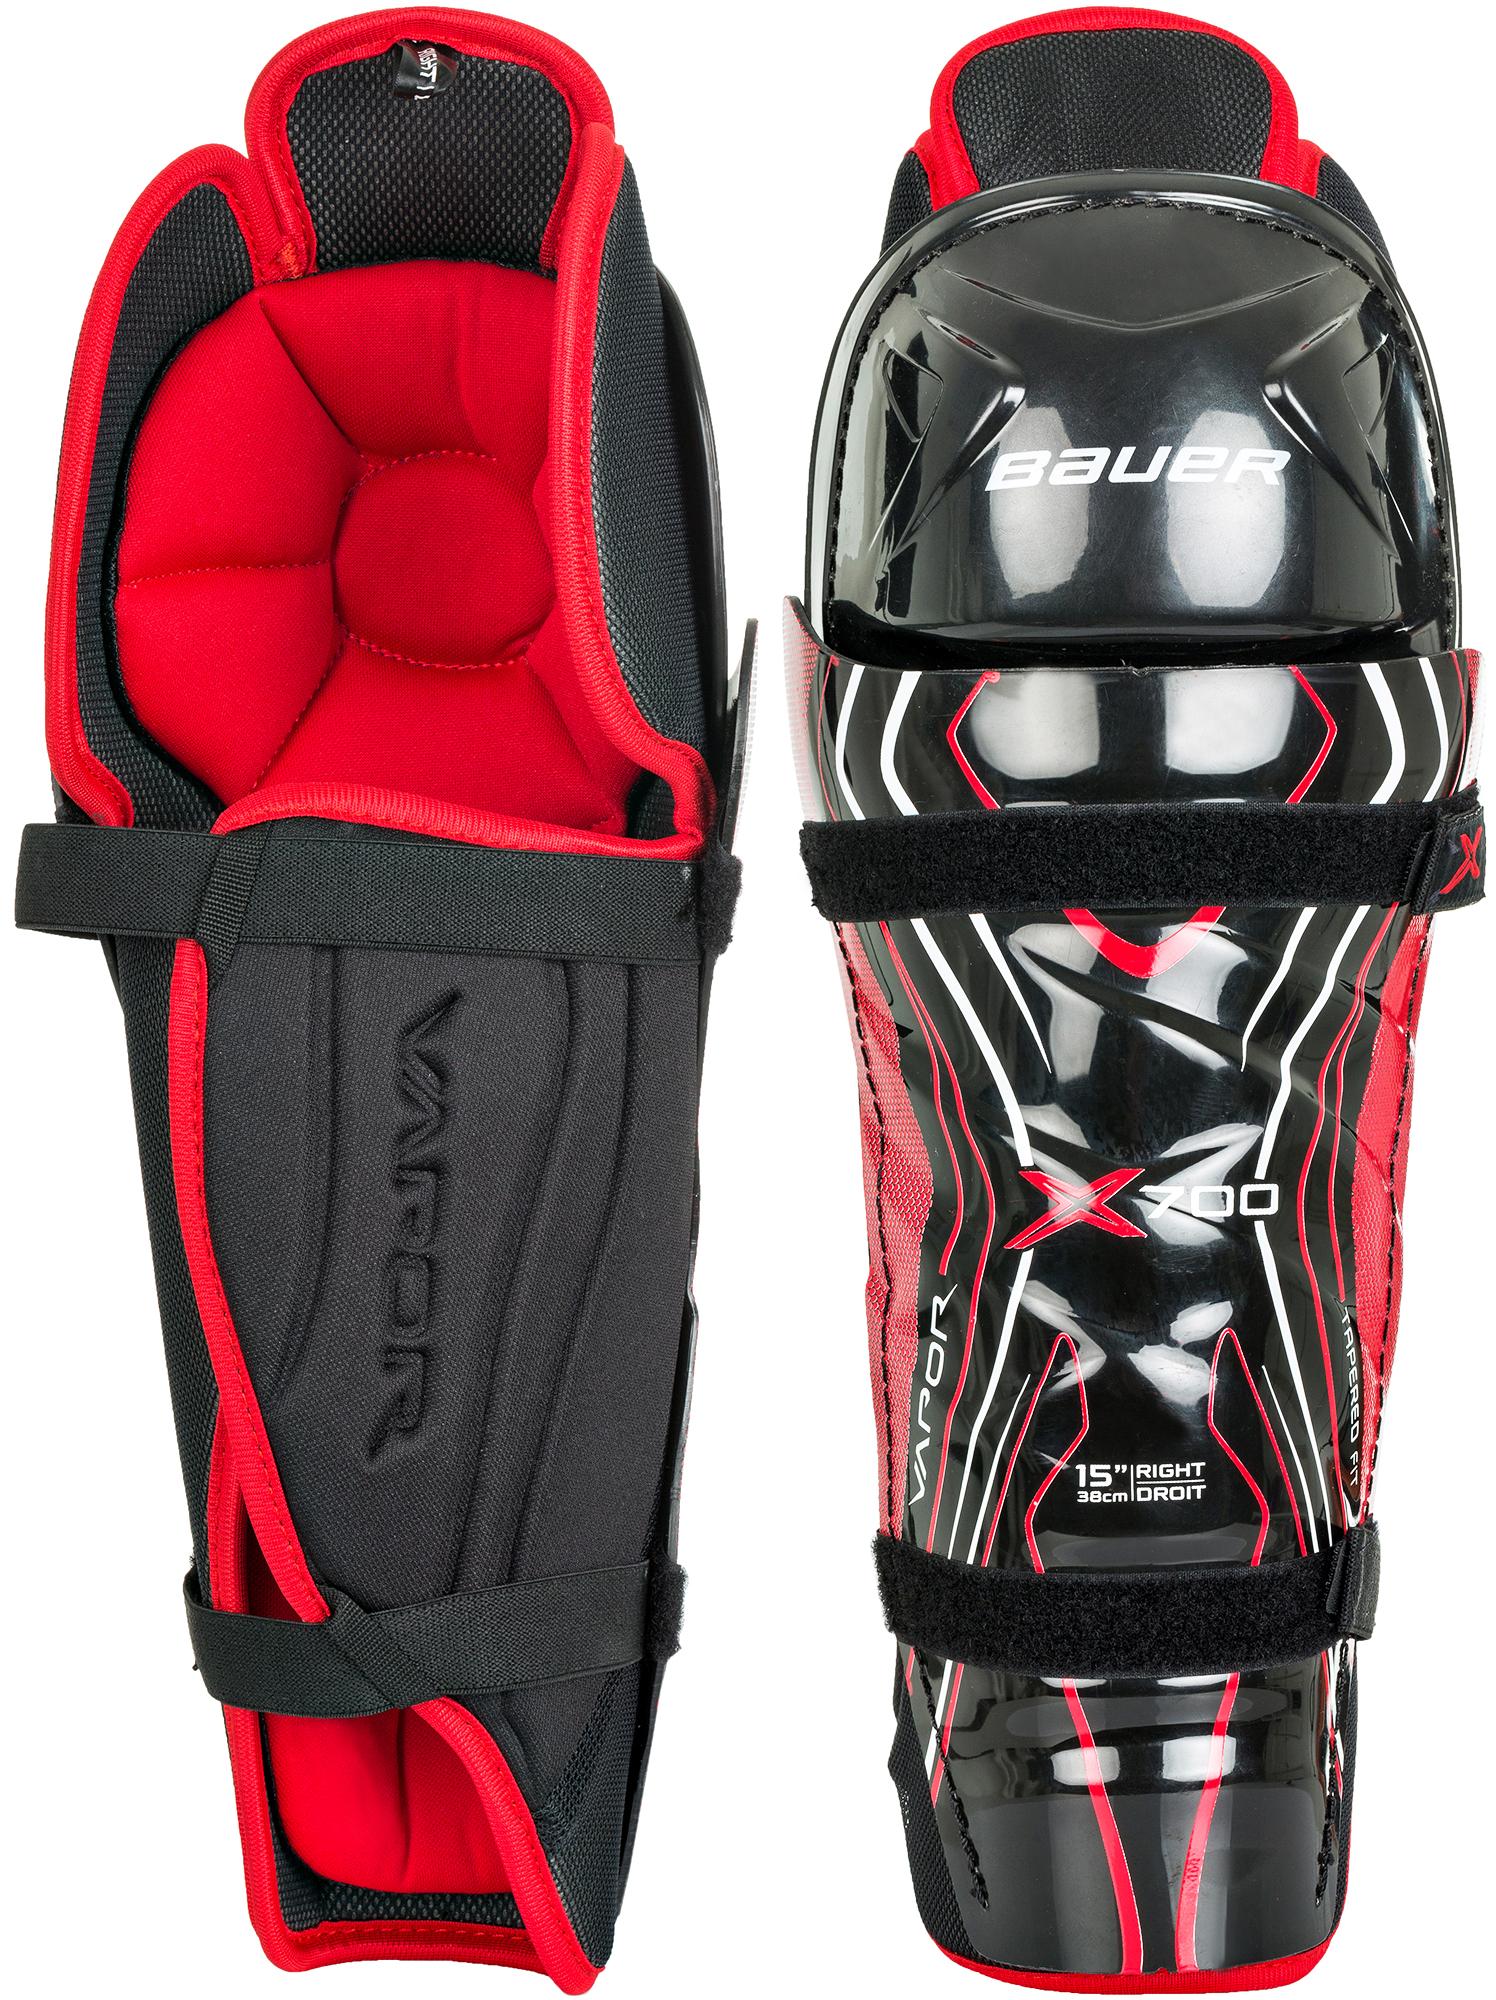 Bauer Щитки хоккейные Bauer Vapor X700 хоккейные товары bauer 3 0 vapor x3 0